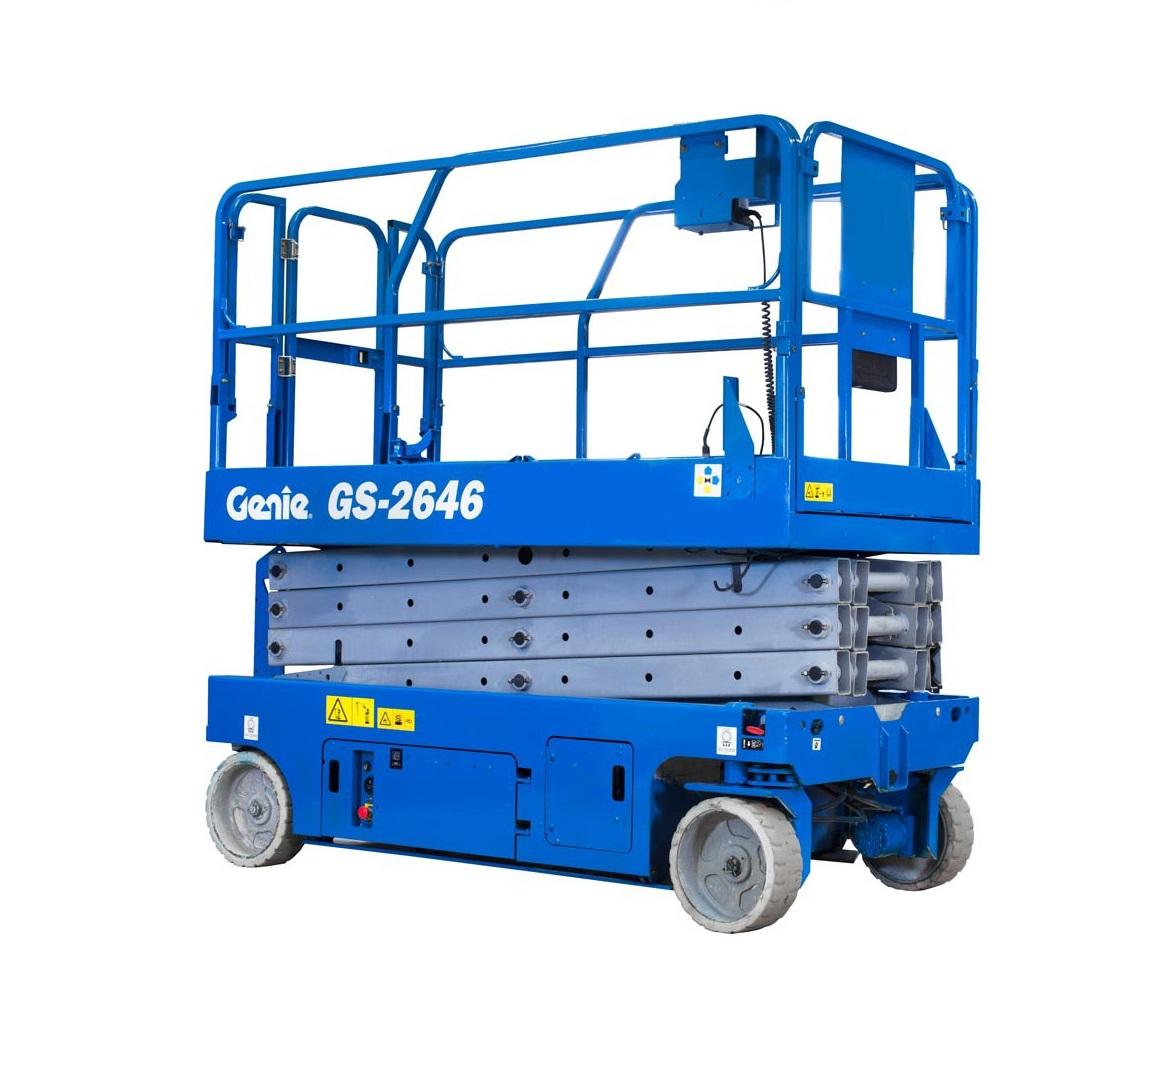 Genie-GS-2646